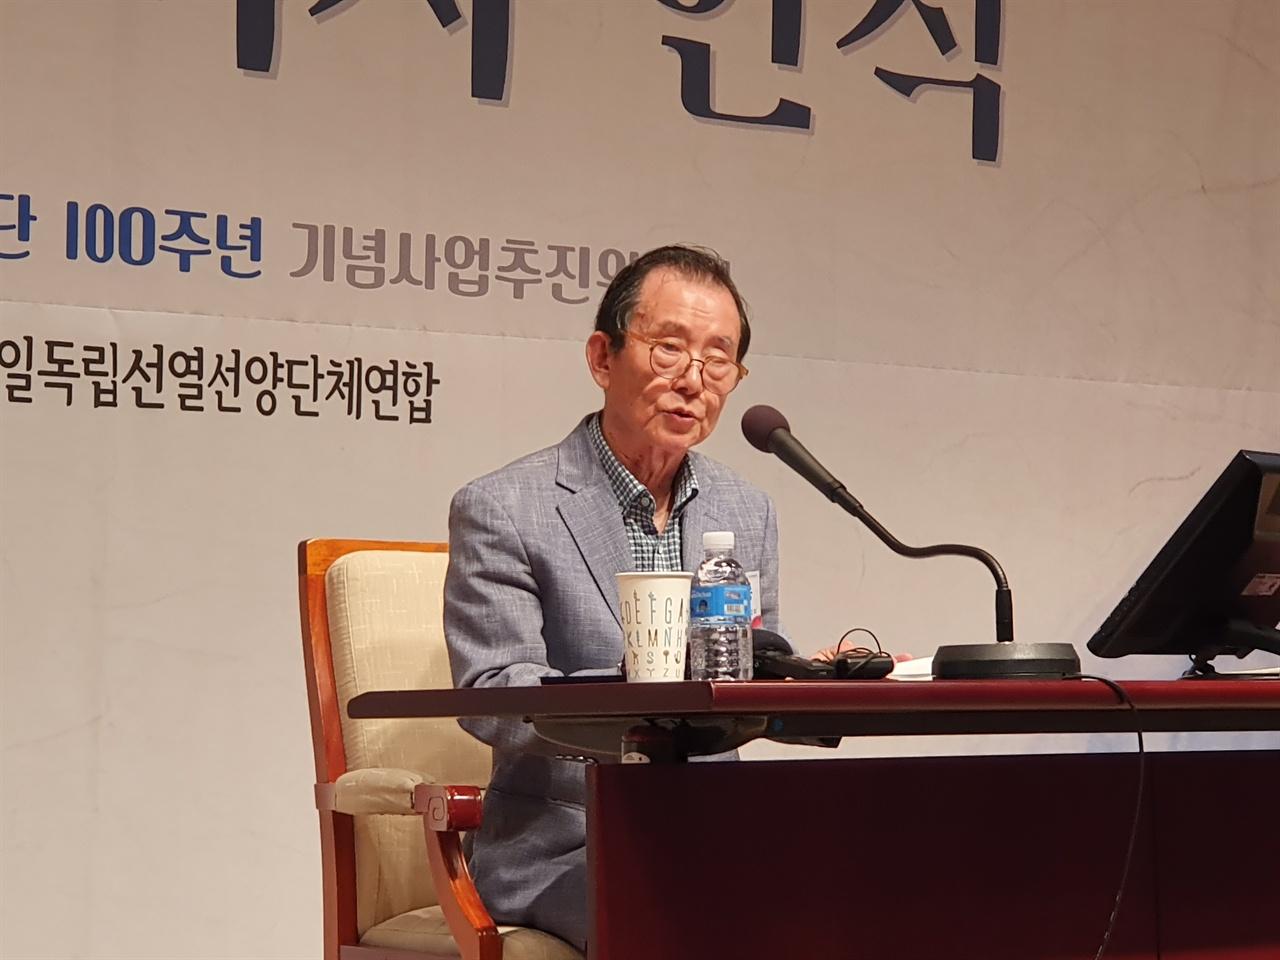 발언하고 있는 김삼웅 신흥무관학교기념사업회 공동대표